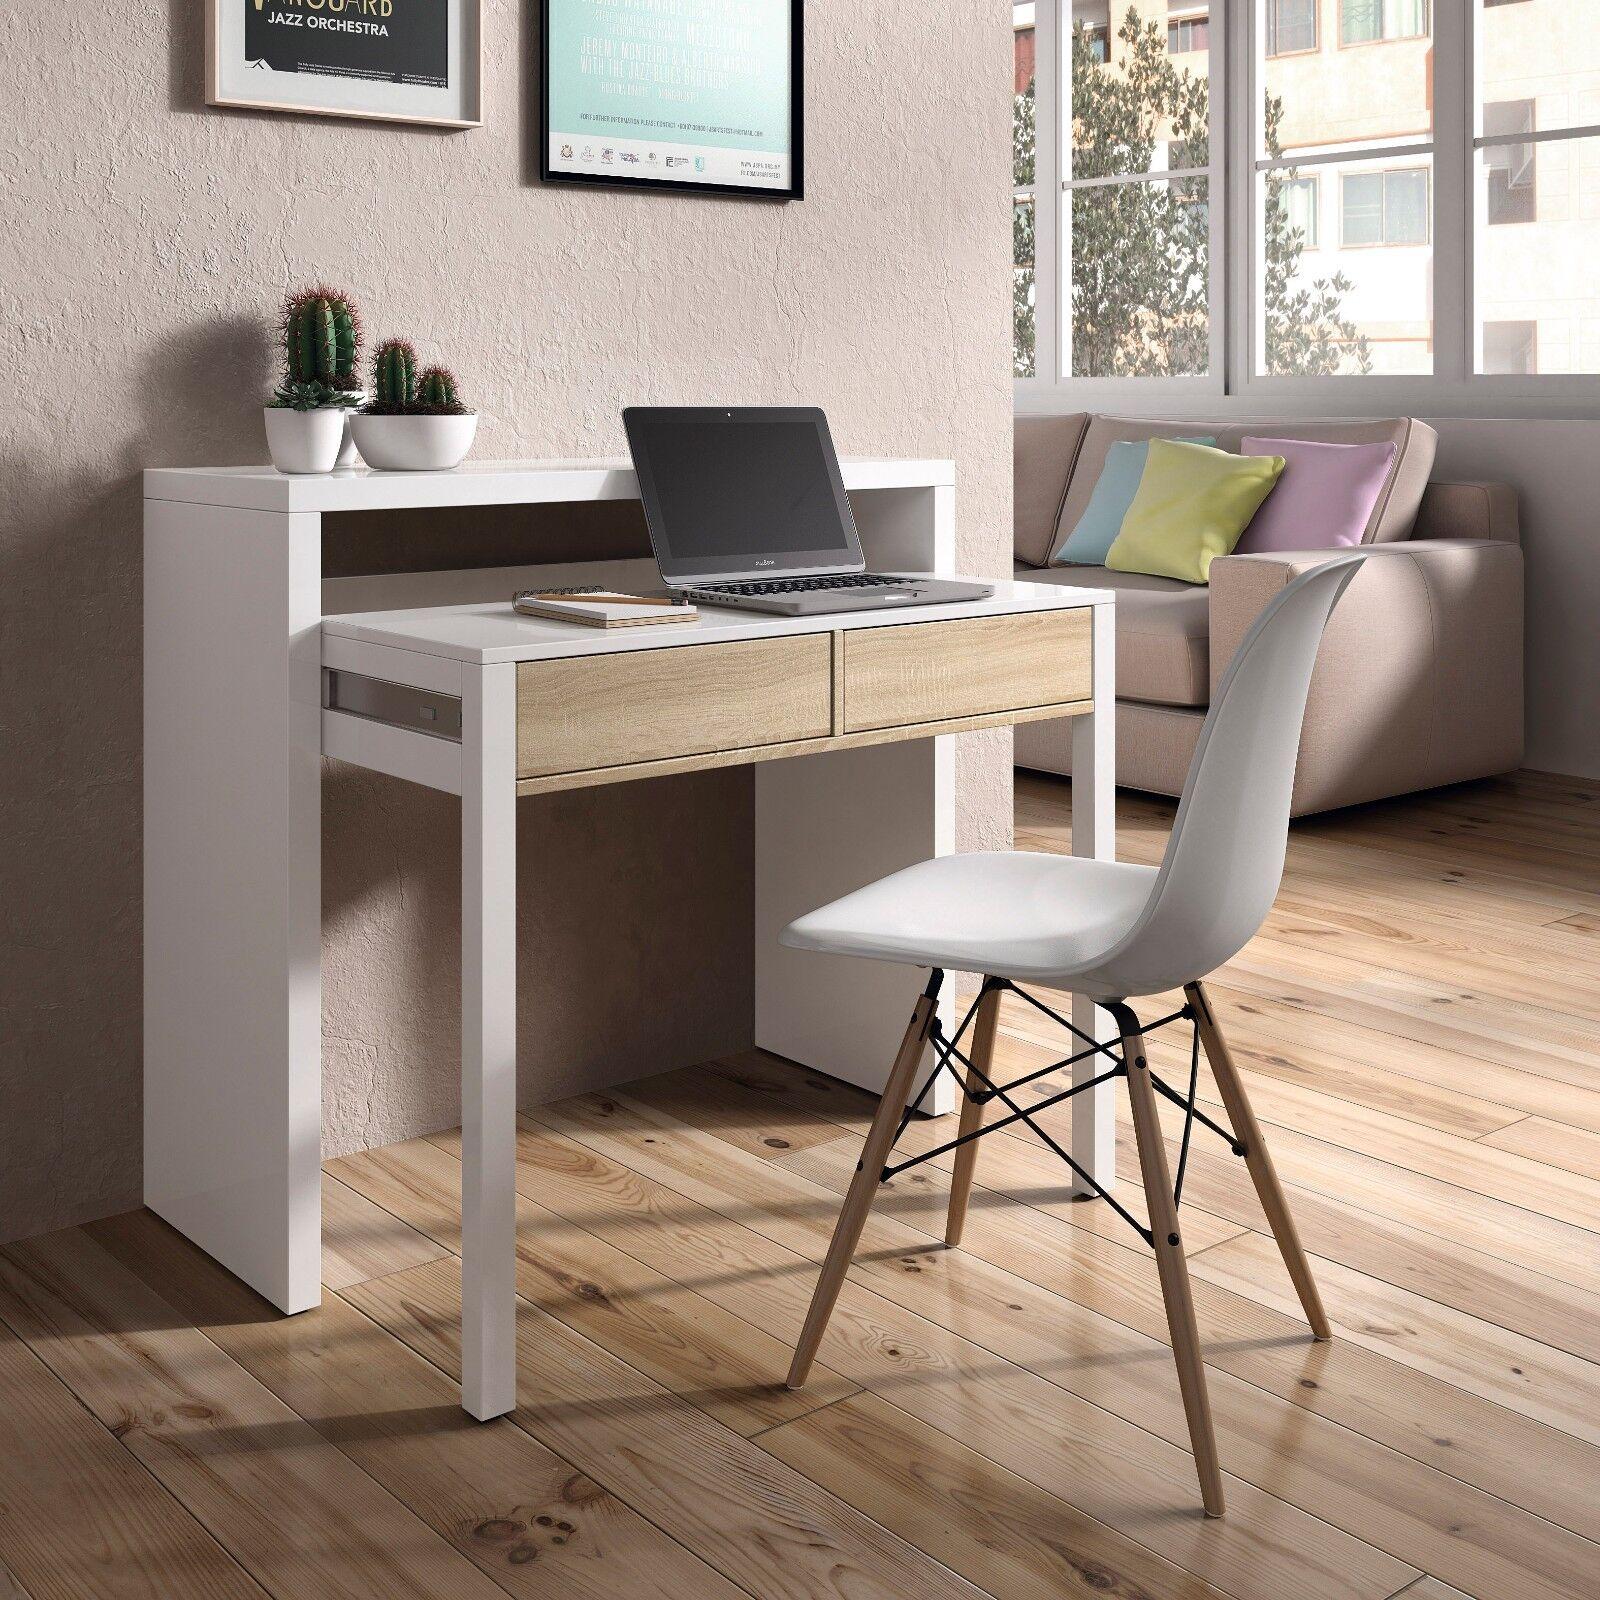 Mesa consola escritorio mesa extensible mesa para despacho blanco y roble ebay - Muebles para escritorio ...